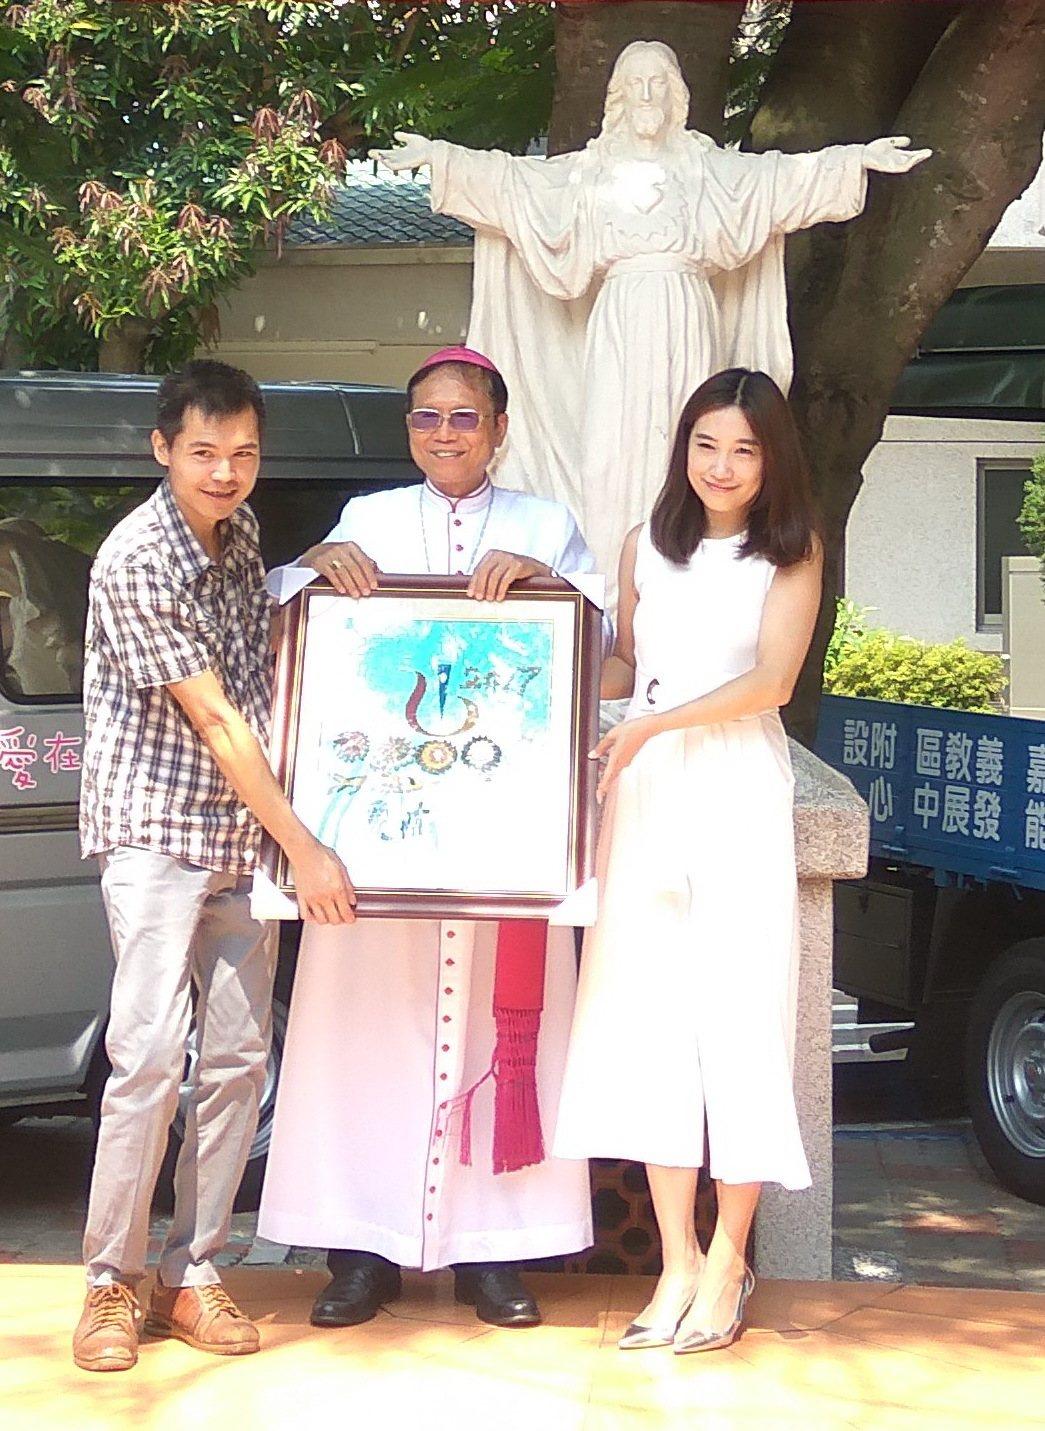 學員把辛苦製作的貝殼畫送給企業,回報善心贈車。記者蔡維斌/攝影